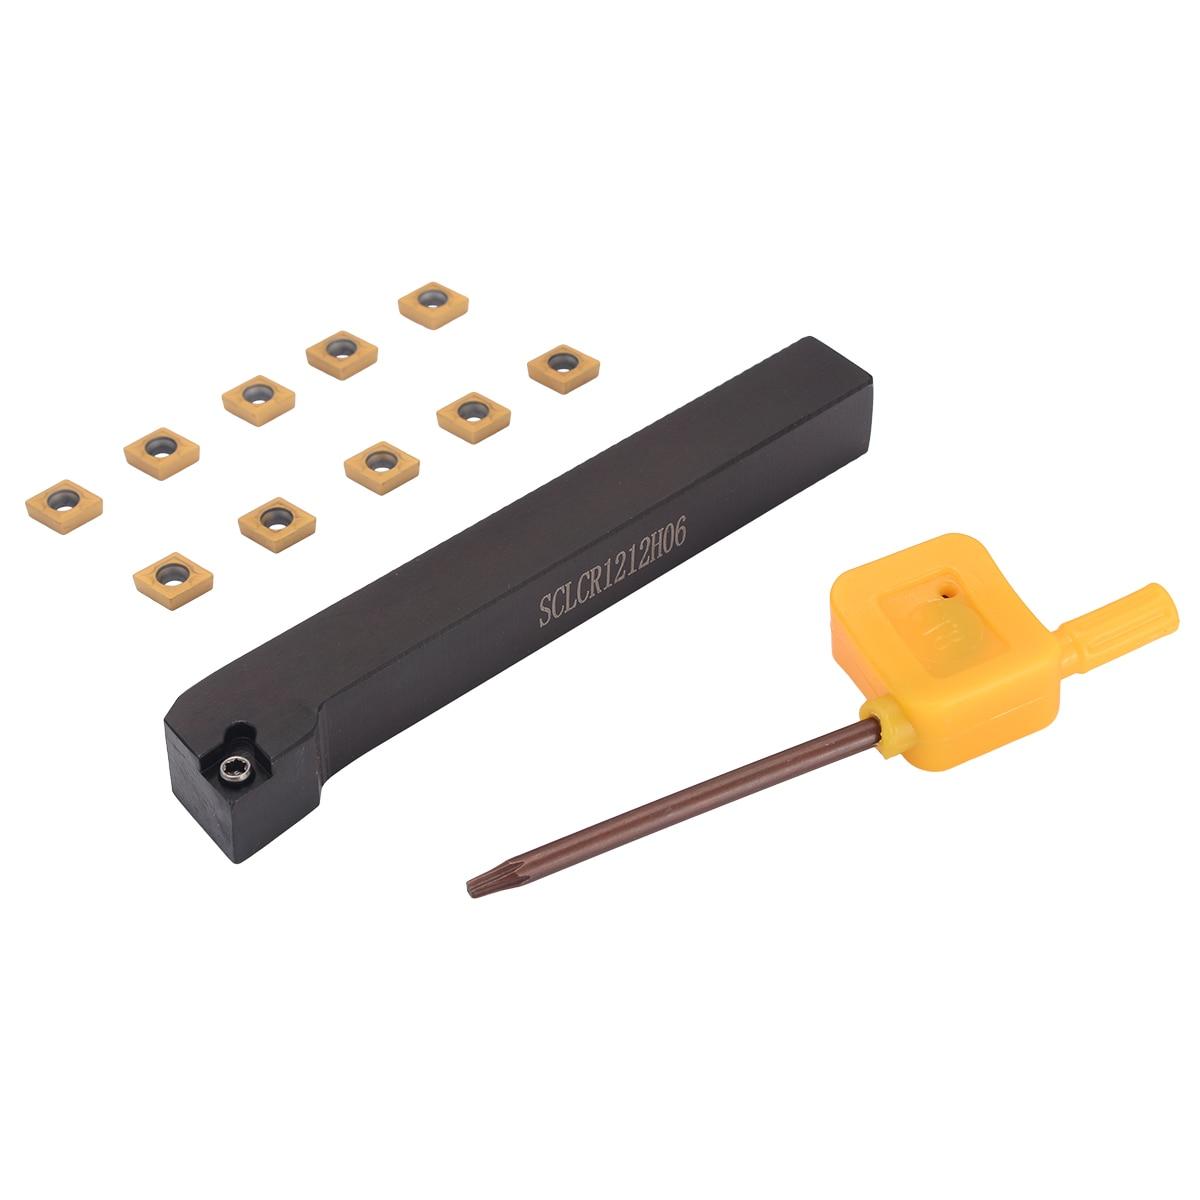 1 unid SCLCR1212H06 torneado portaherramientas + 10 piezas CCMT060204-HM VP15TF carburo insertar con T8 llave